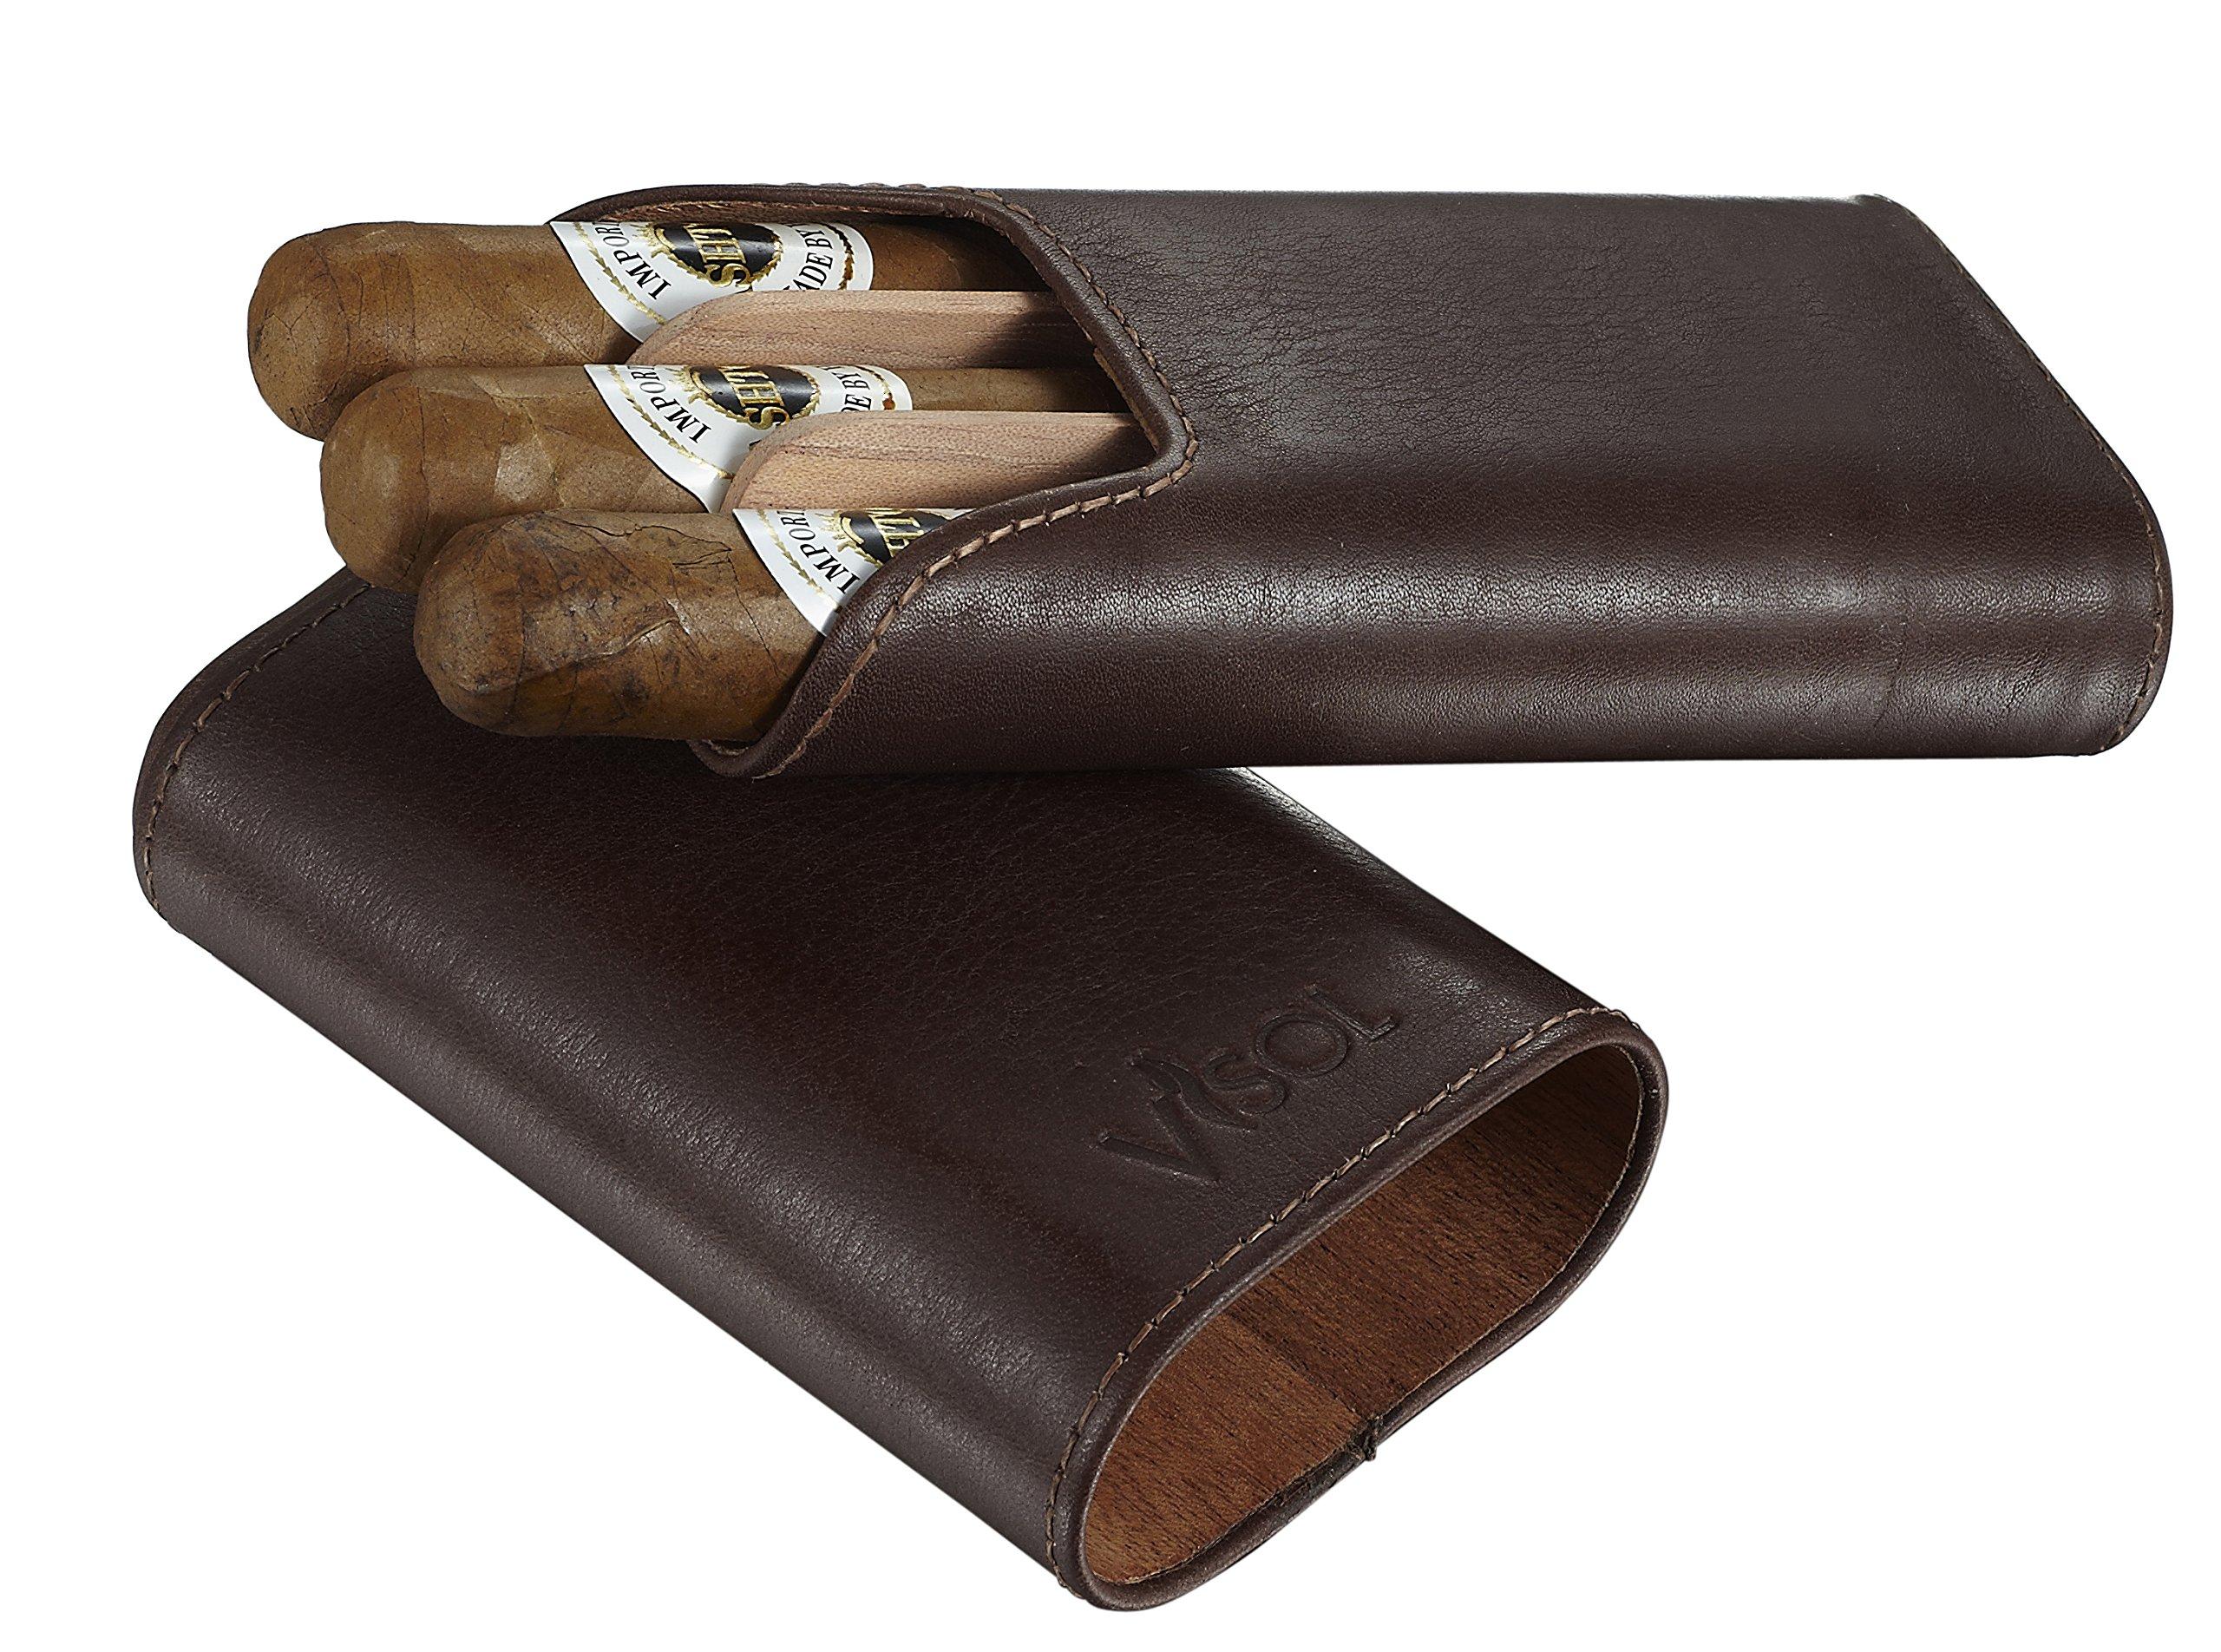 Visol Cuero Top Grain Brown Leather 3-Finger Cigar Case with Cedar Lining